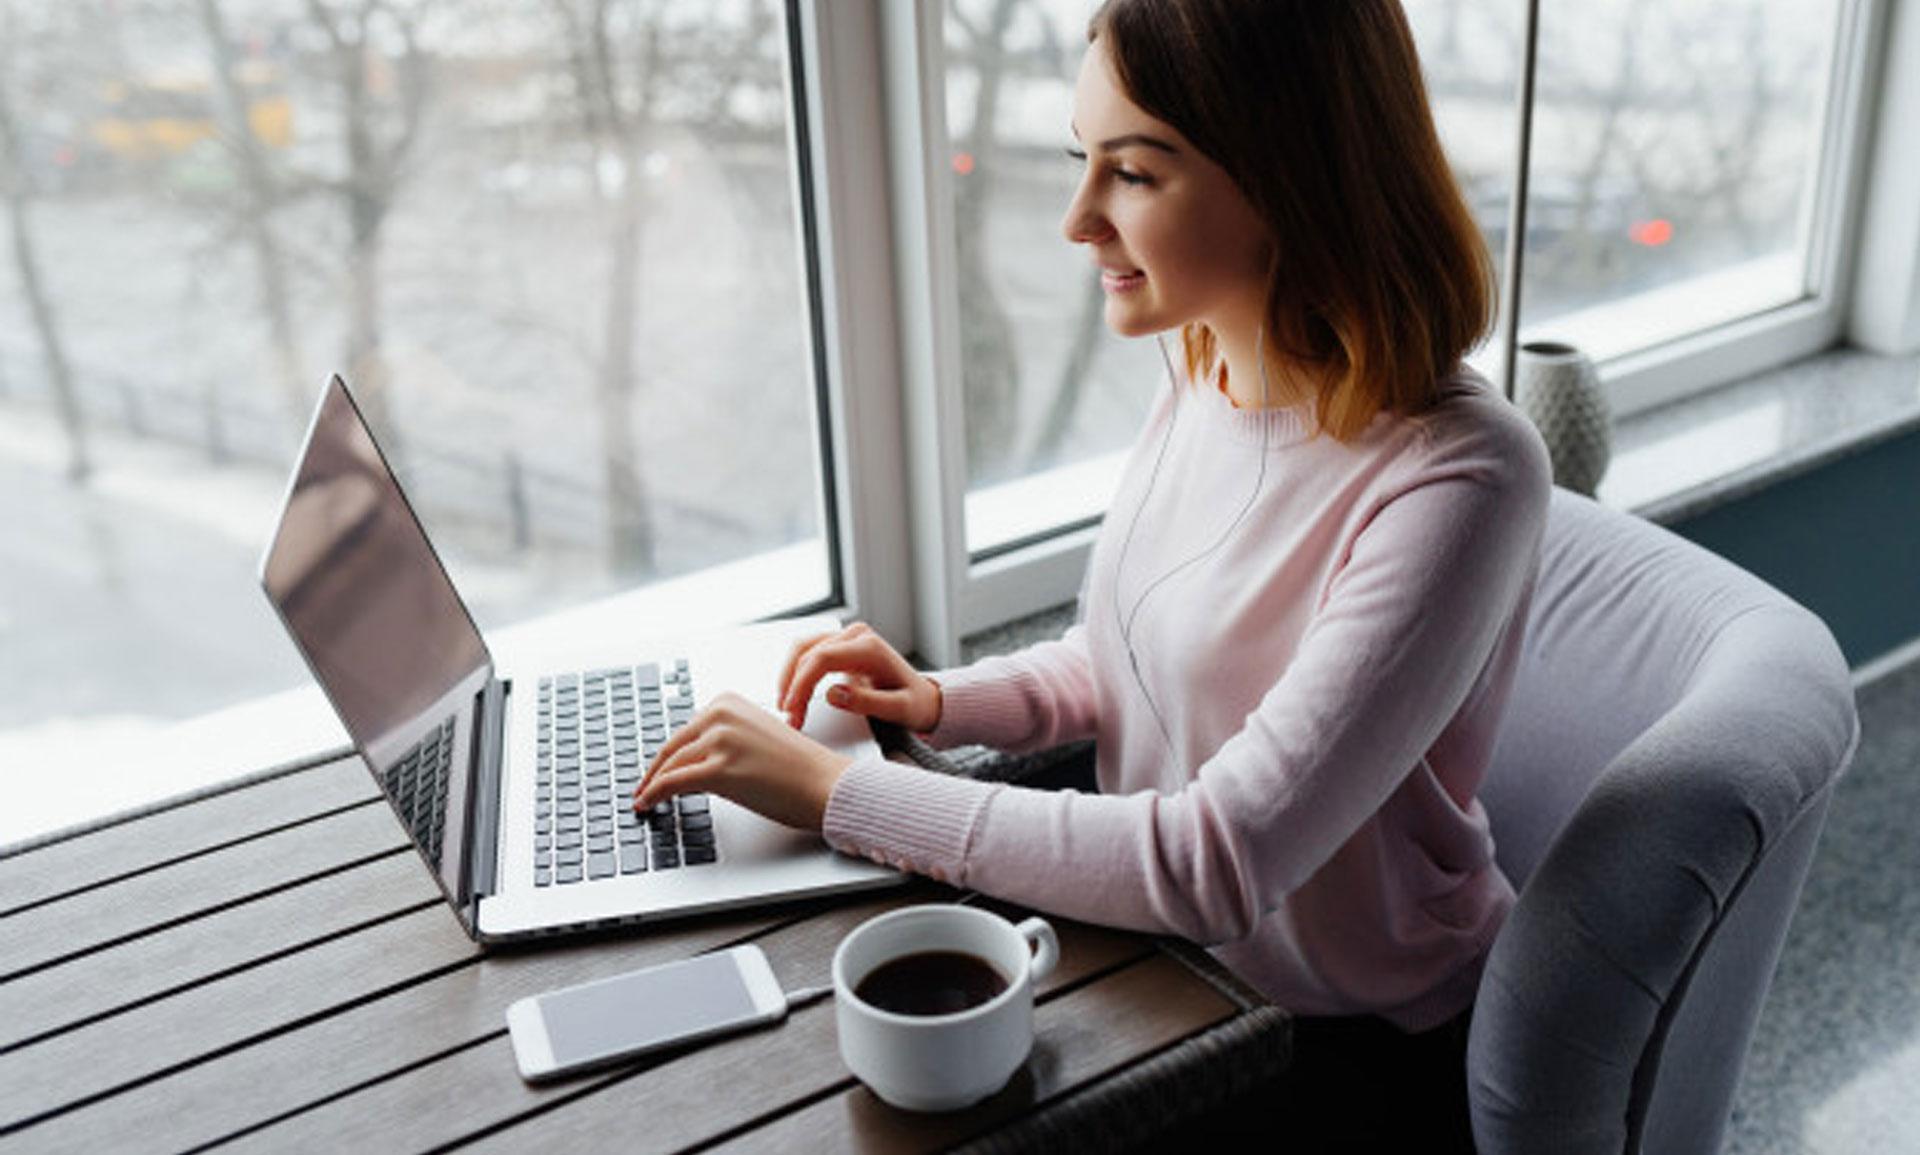 10 elementos a considerar para la compra de un portátil para trabajar